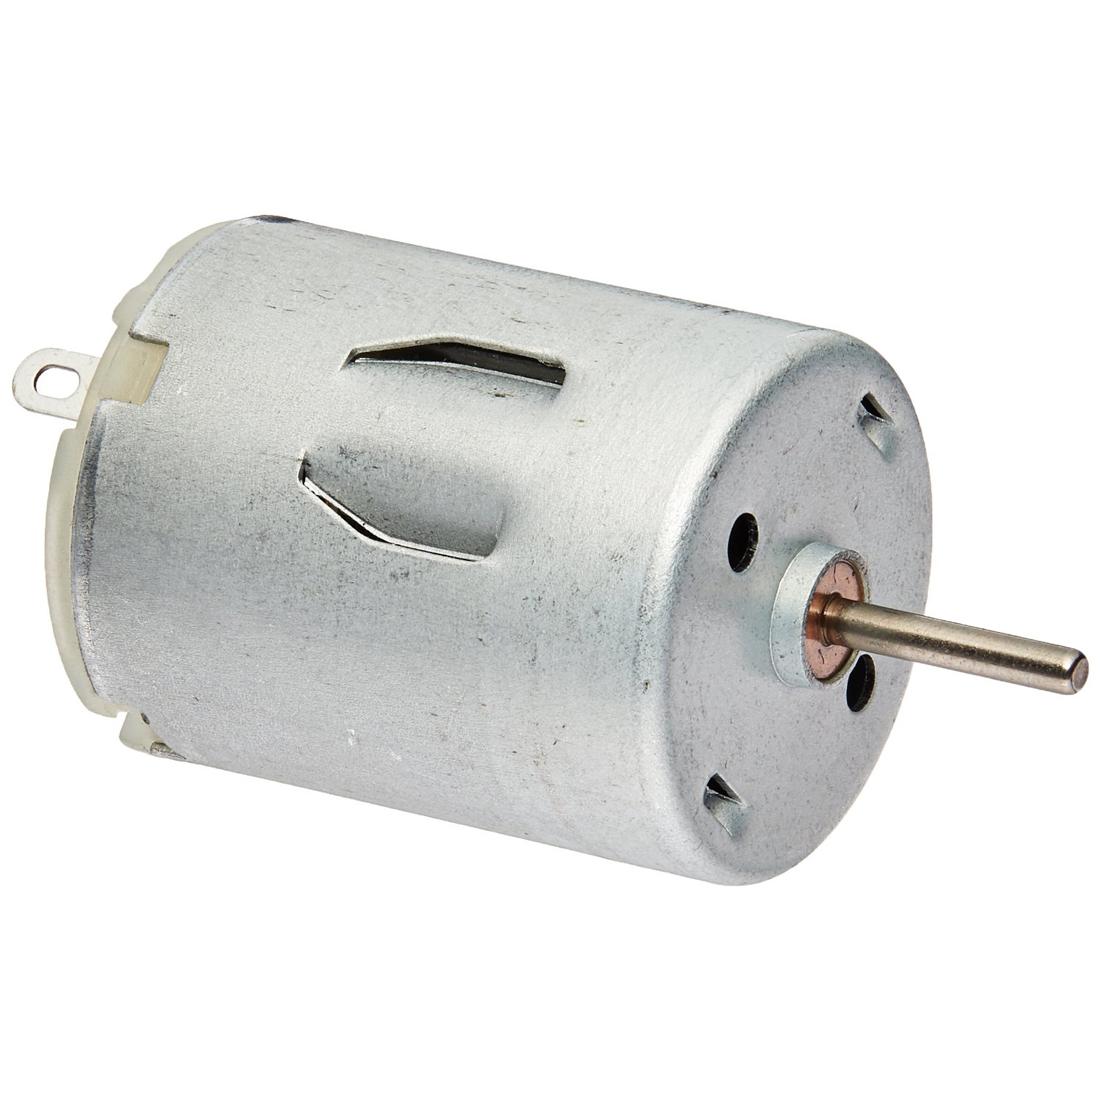 12v dc motor start stop for Dc electric motor repair